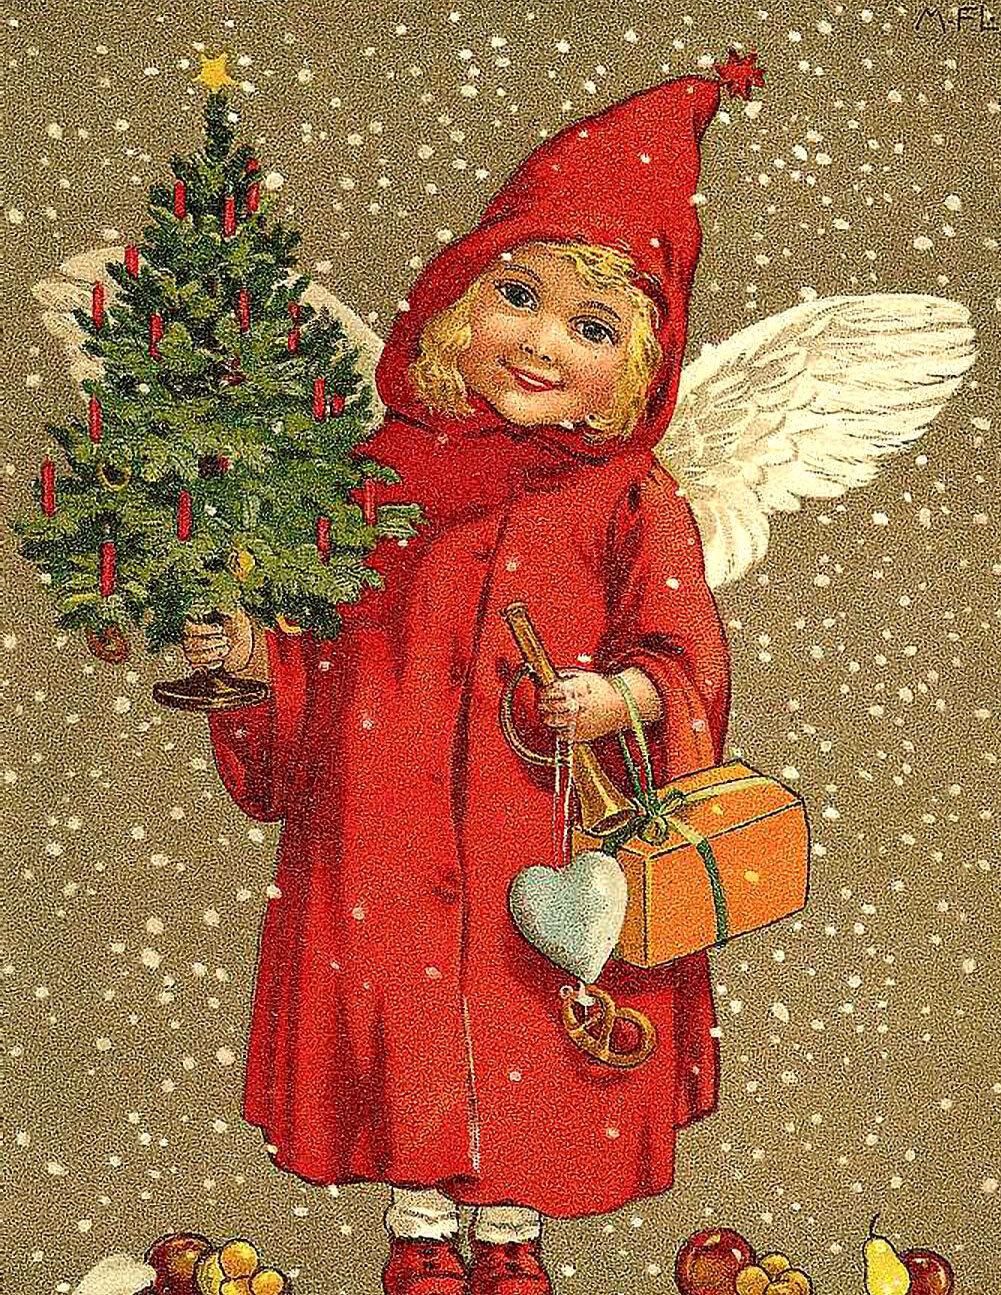 Василиса премудрая, рождество открытки с детьми